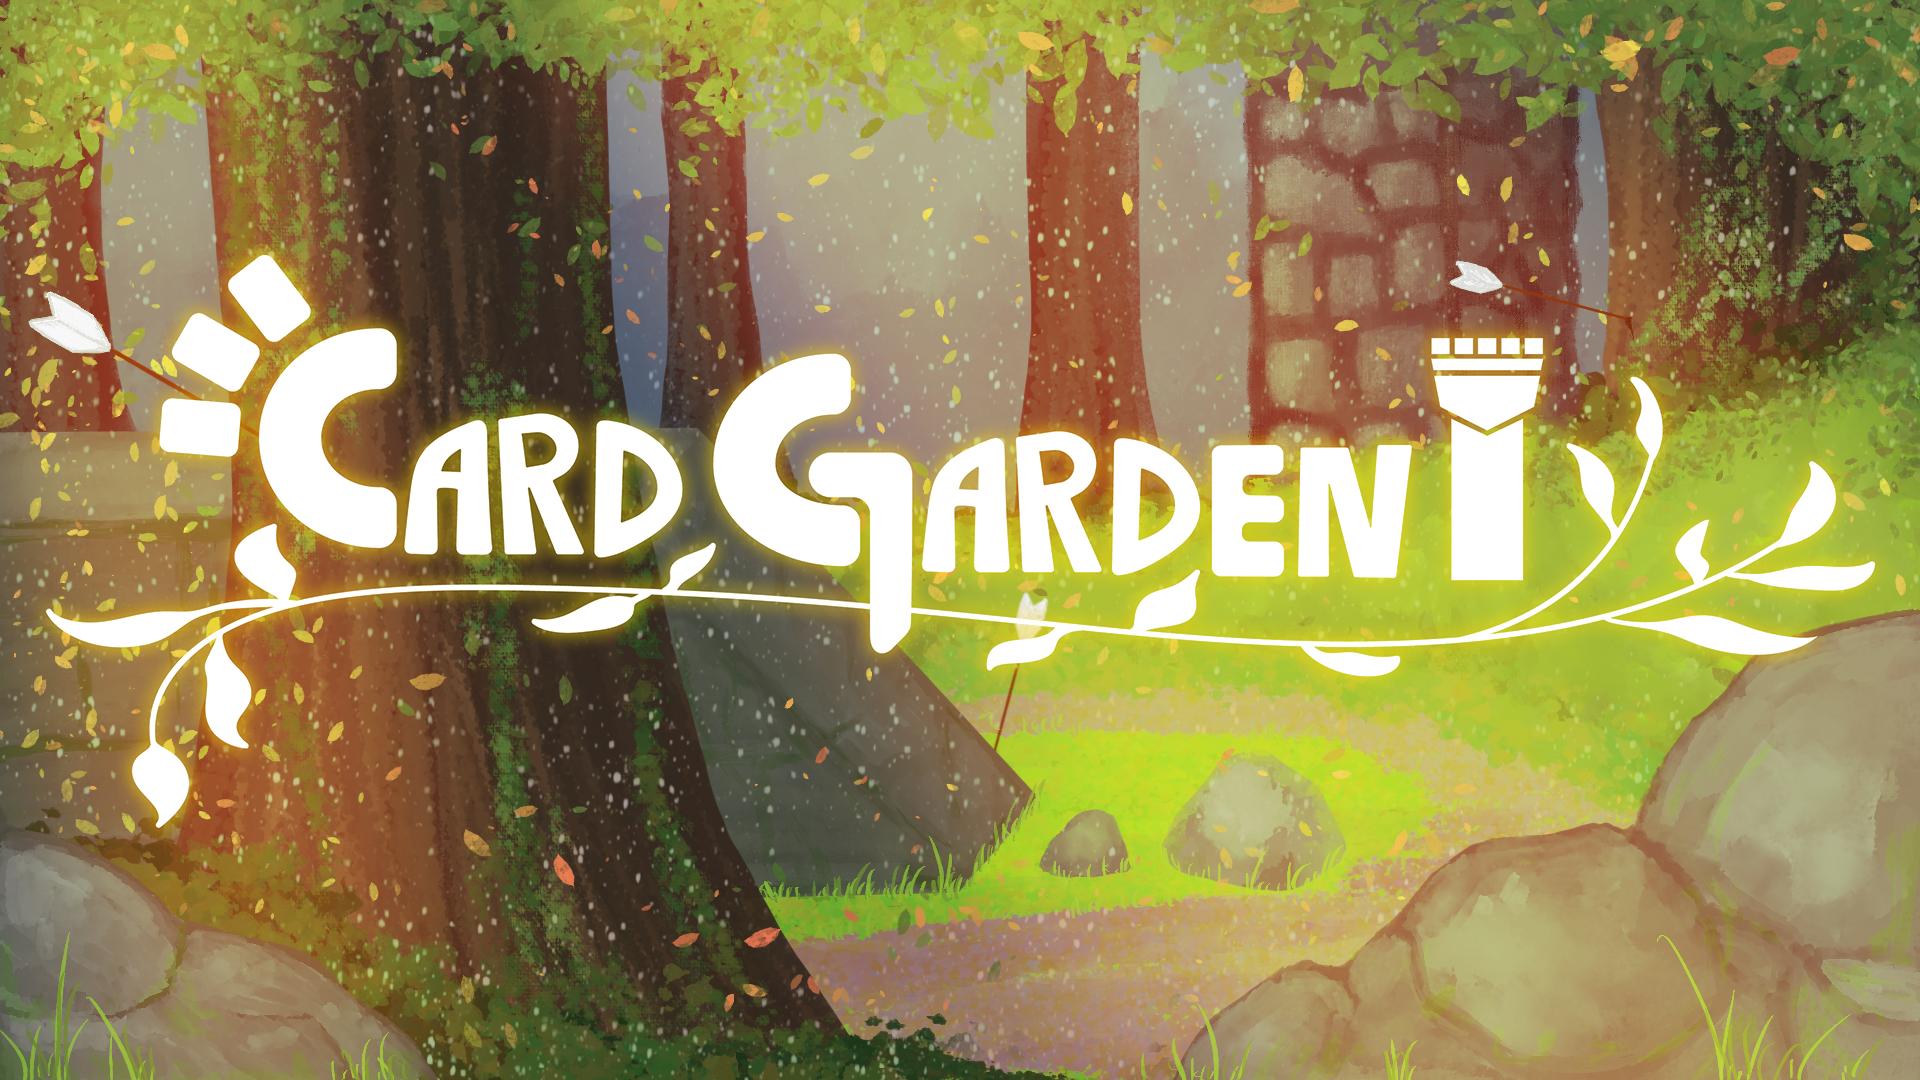 Card Garden